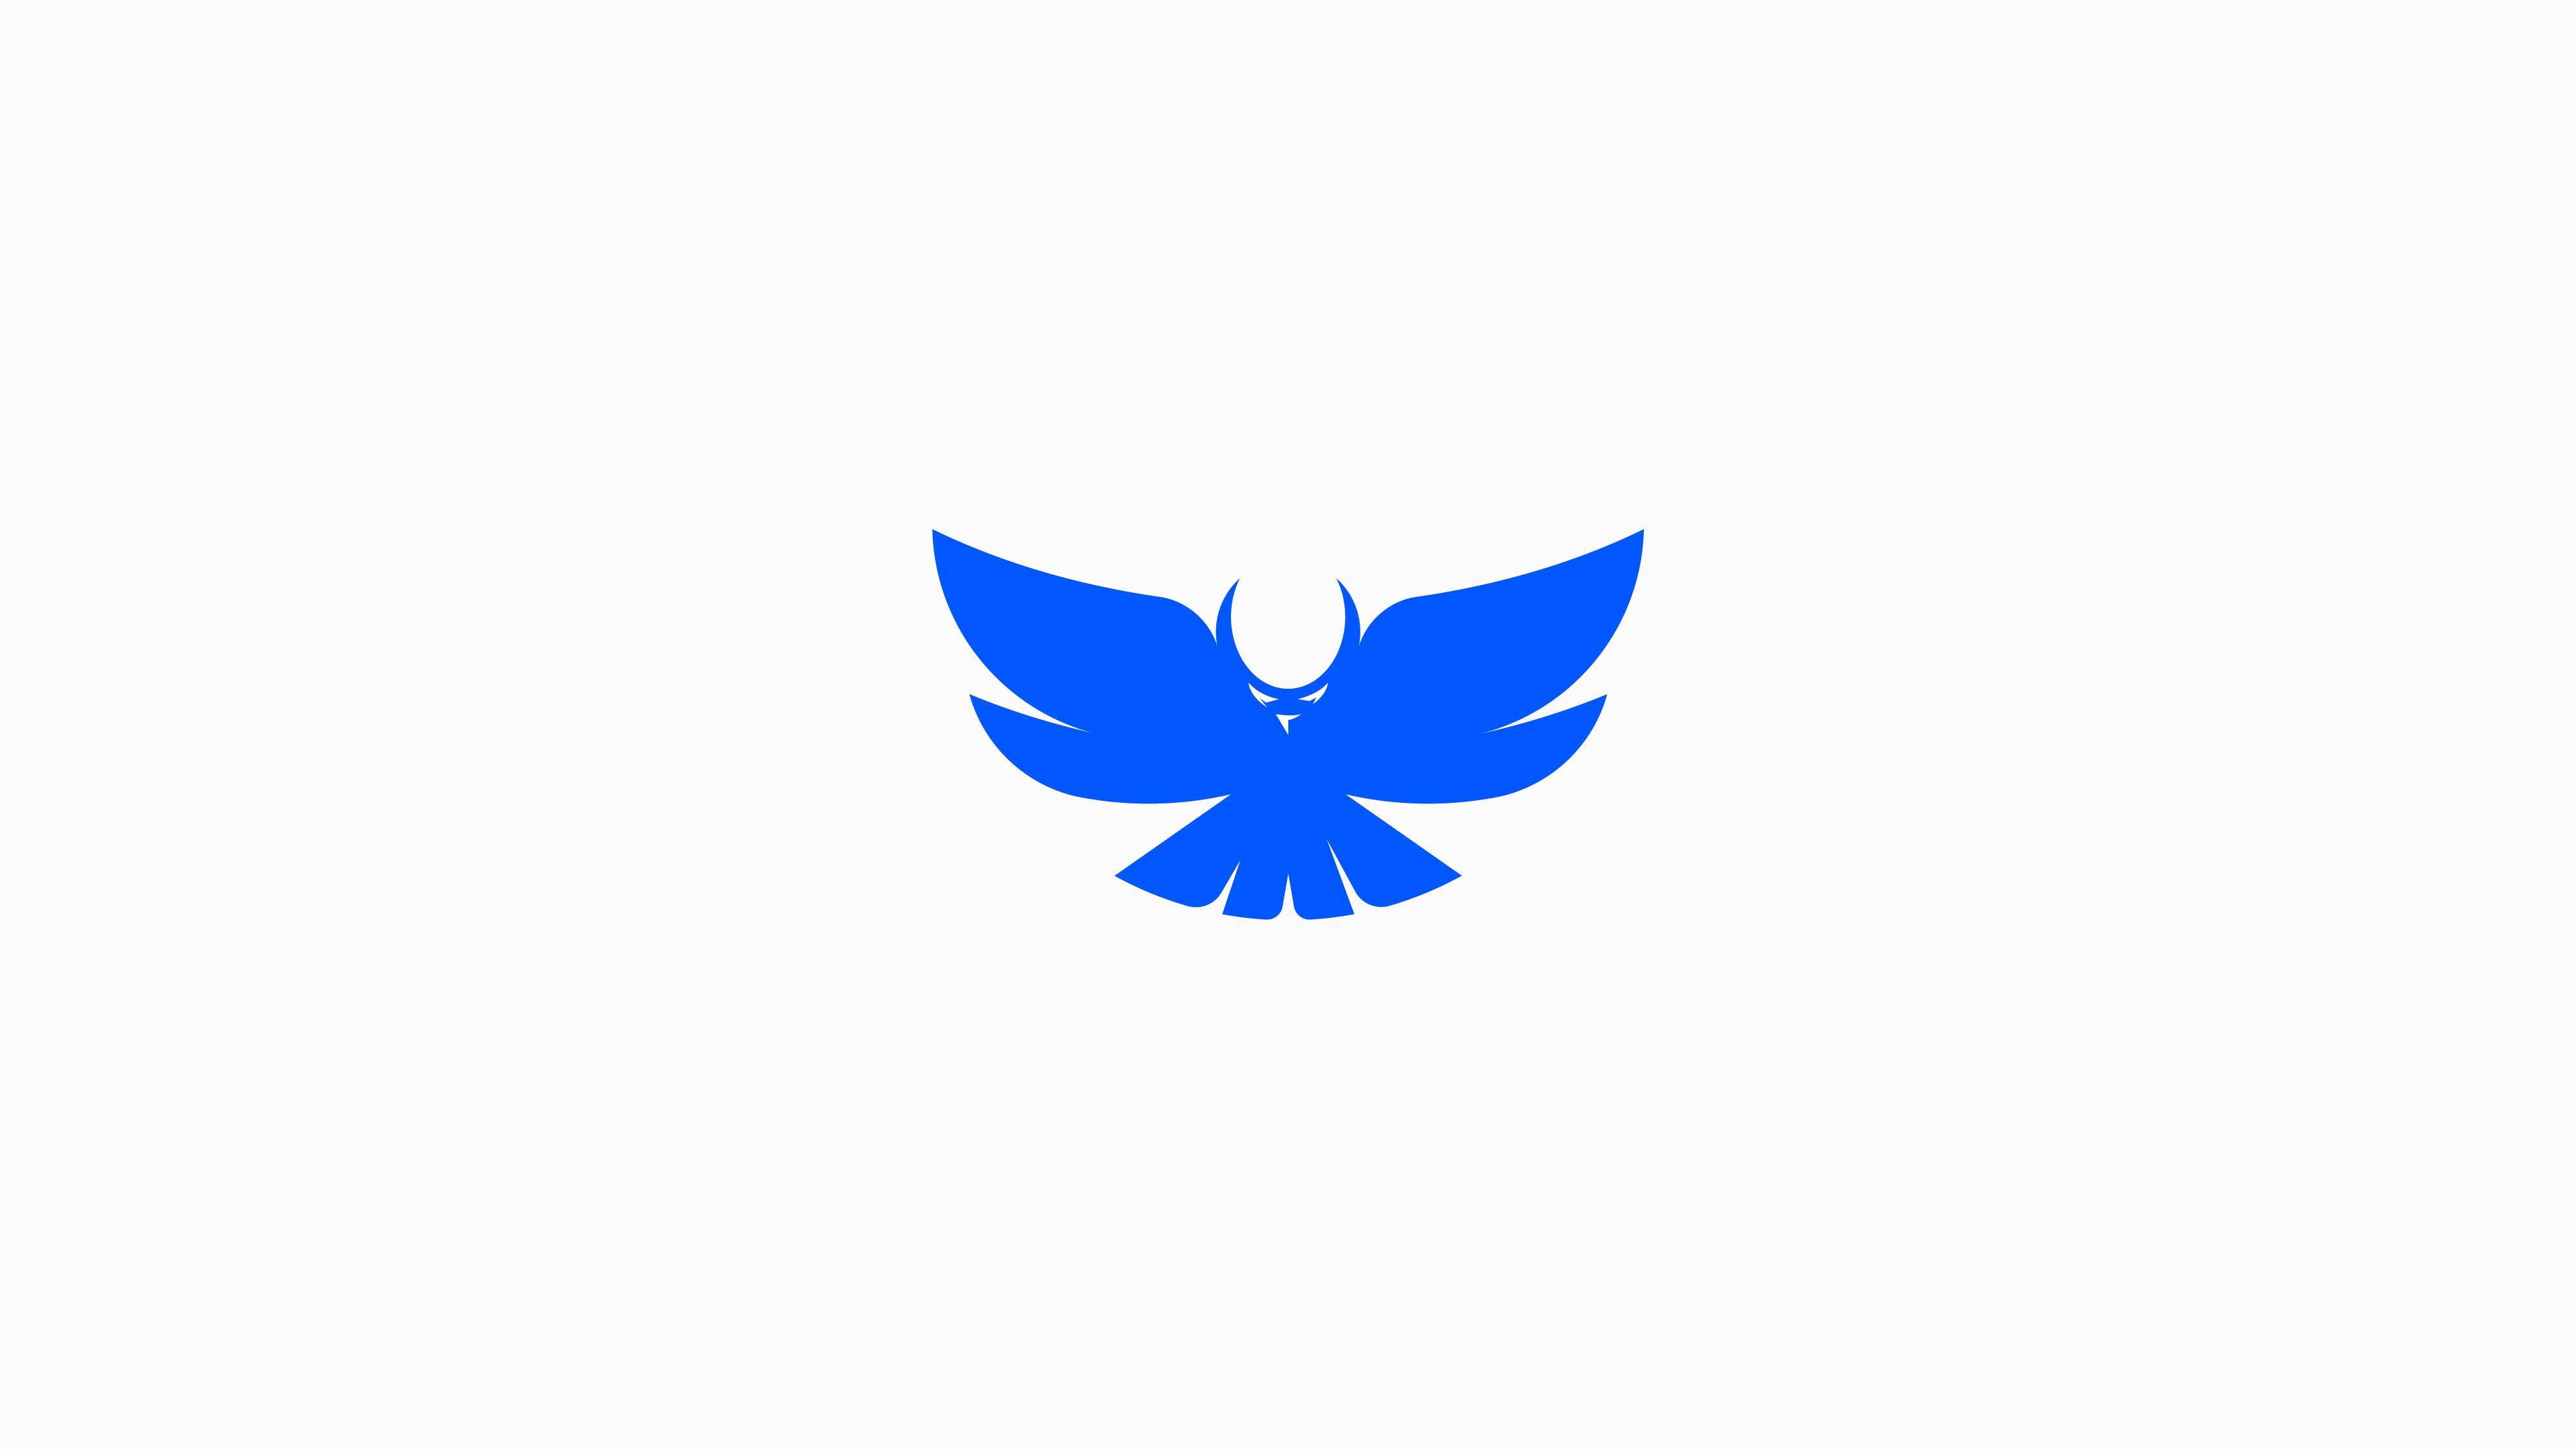 Bird-logo-Owl-logo-design-with-golden-ratio